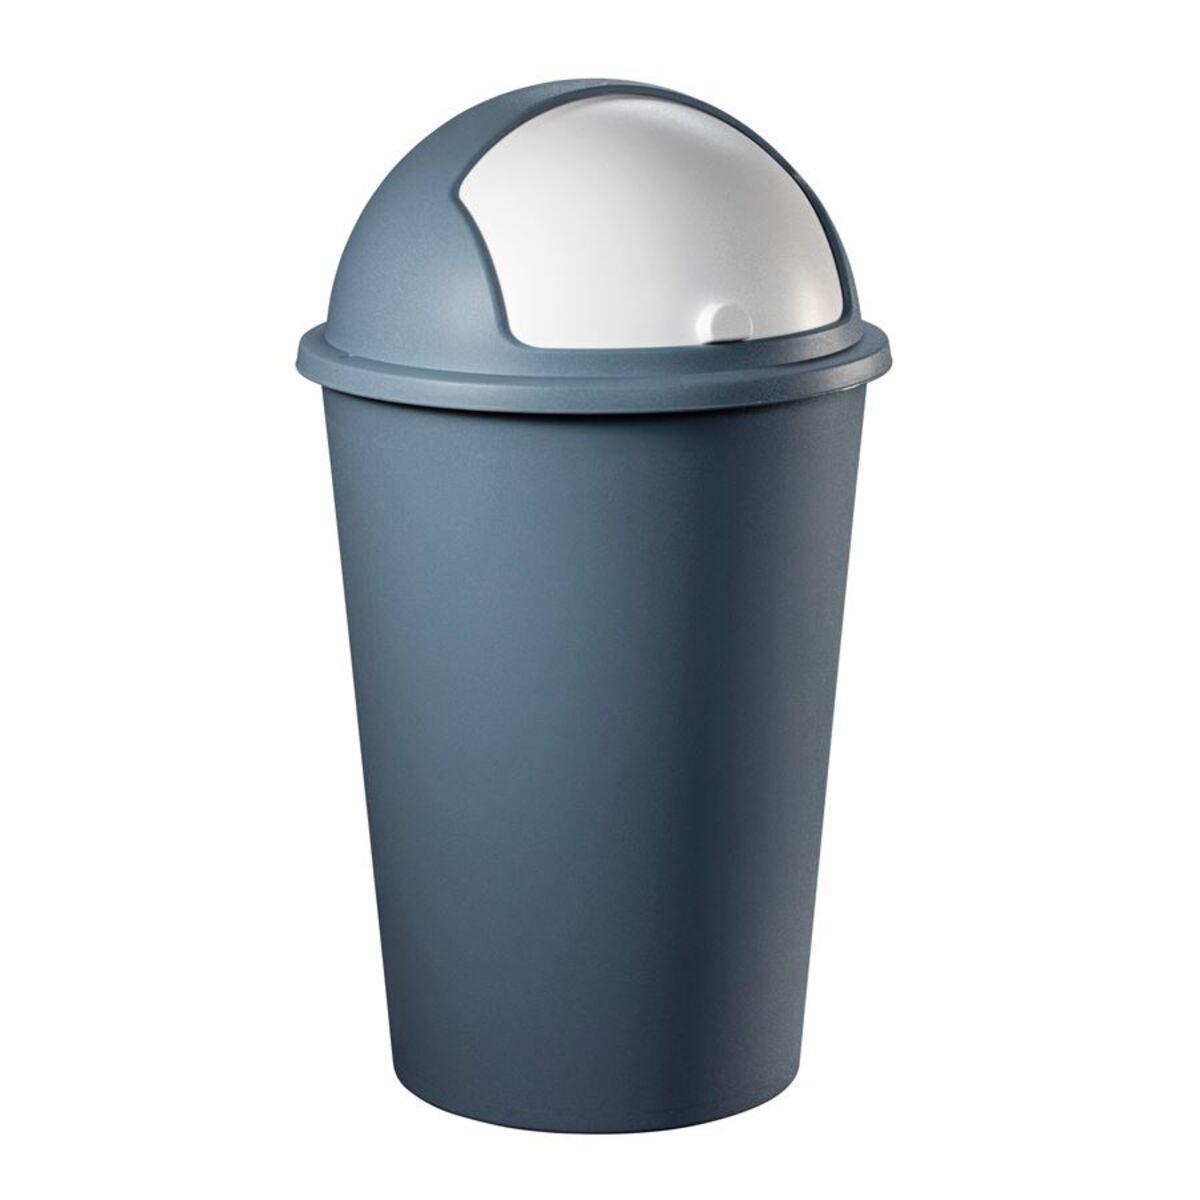 Bild 2 von Push Bin Abfalleimer 50 Liter